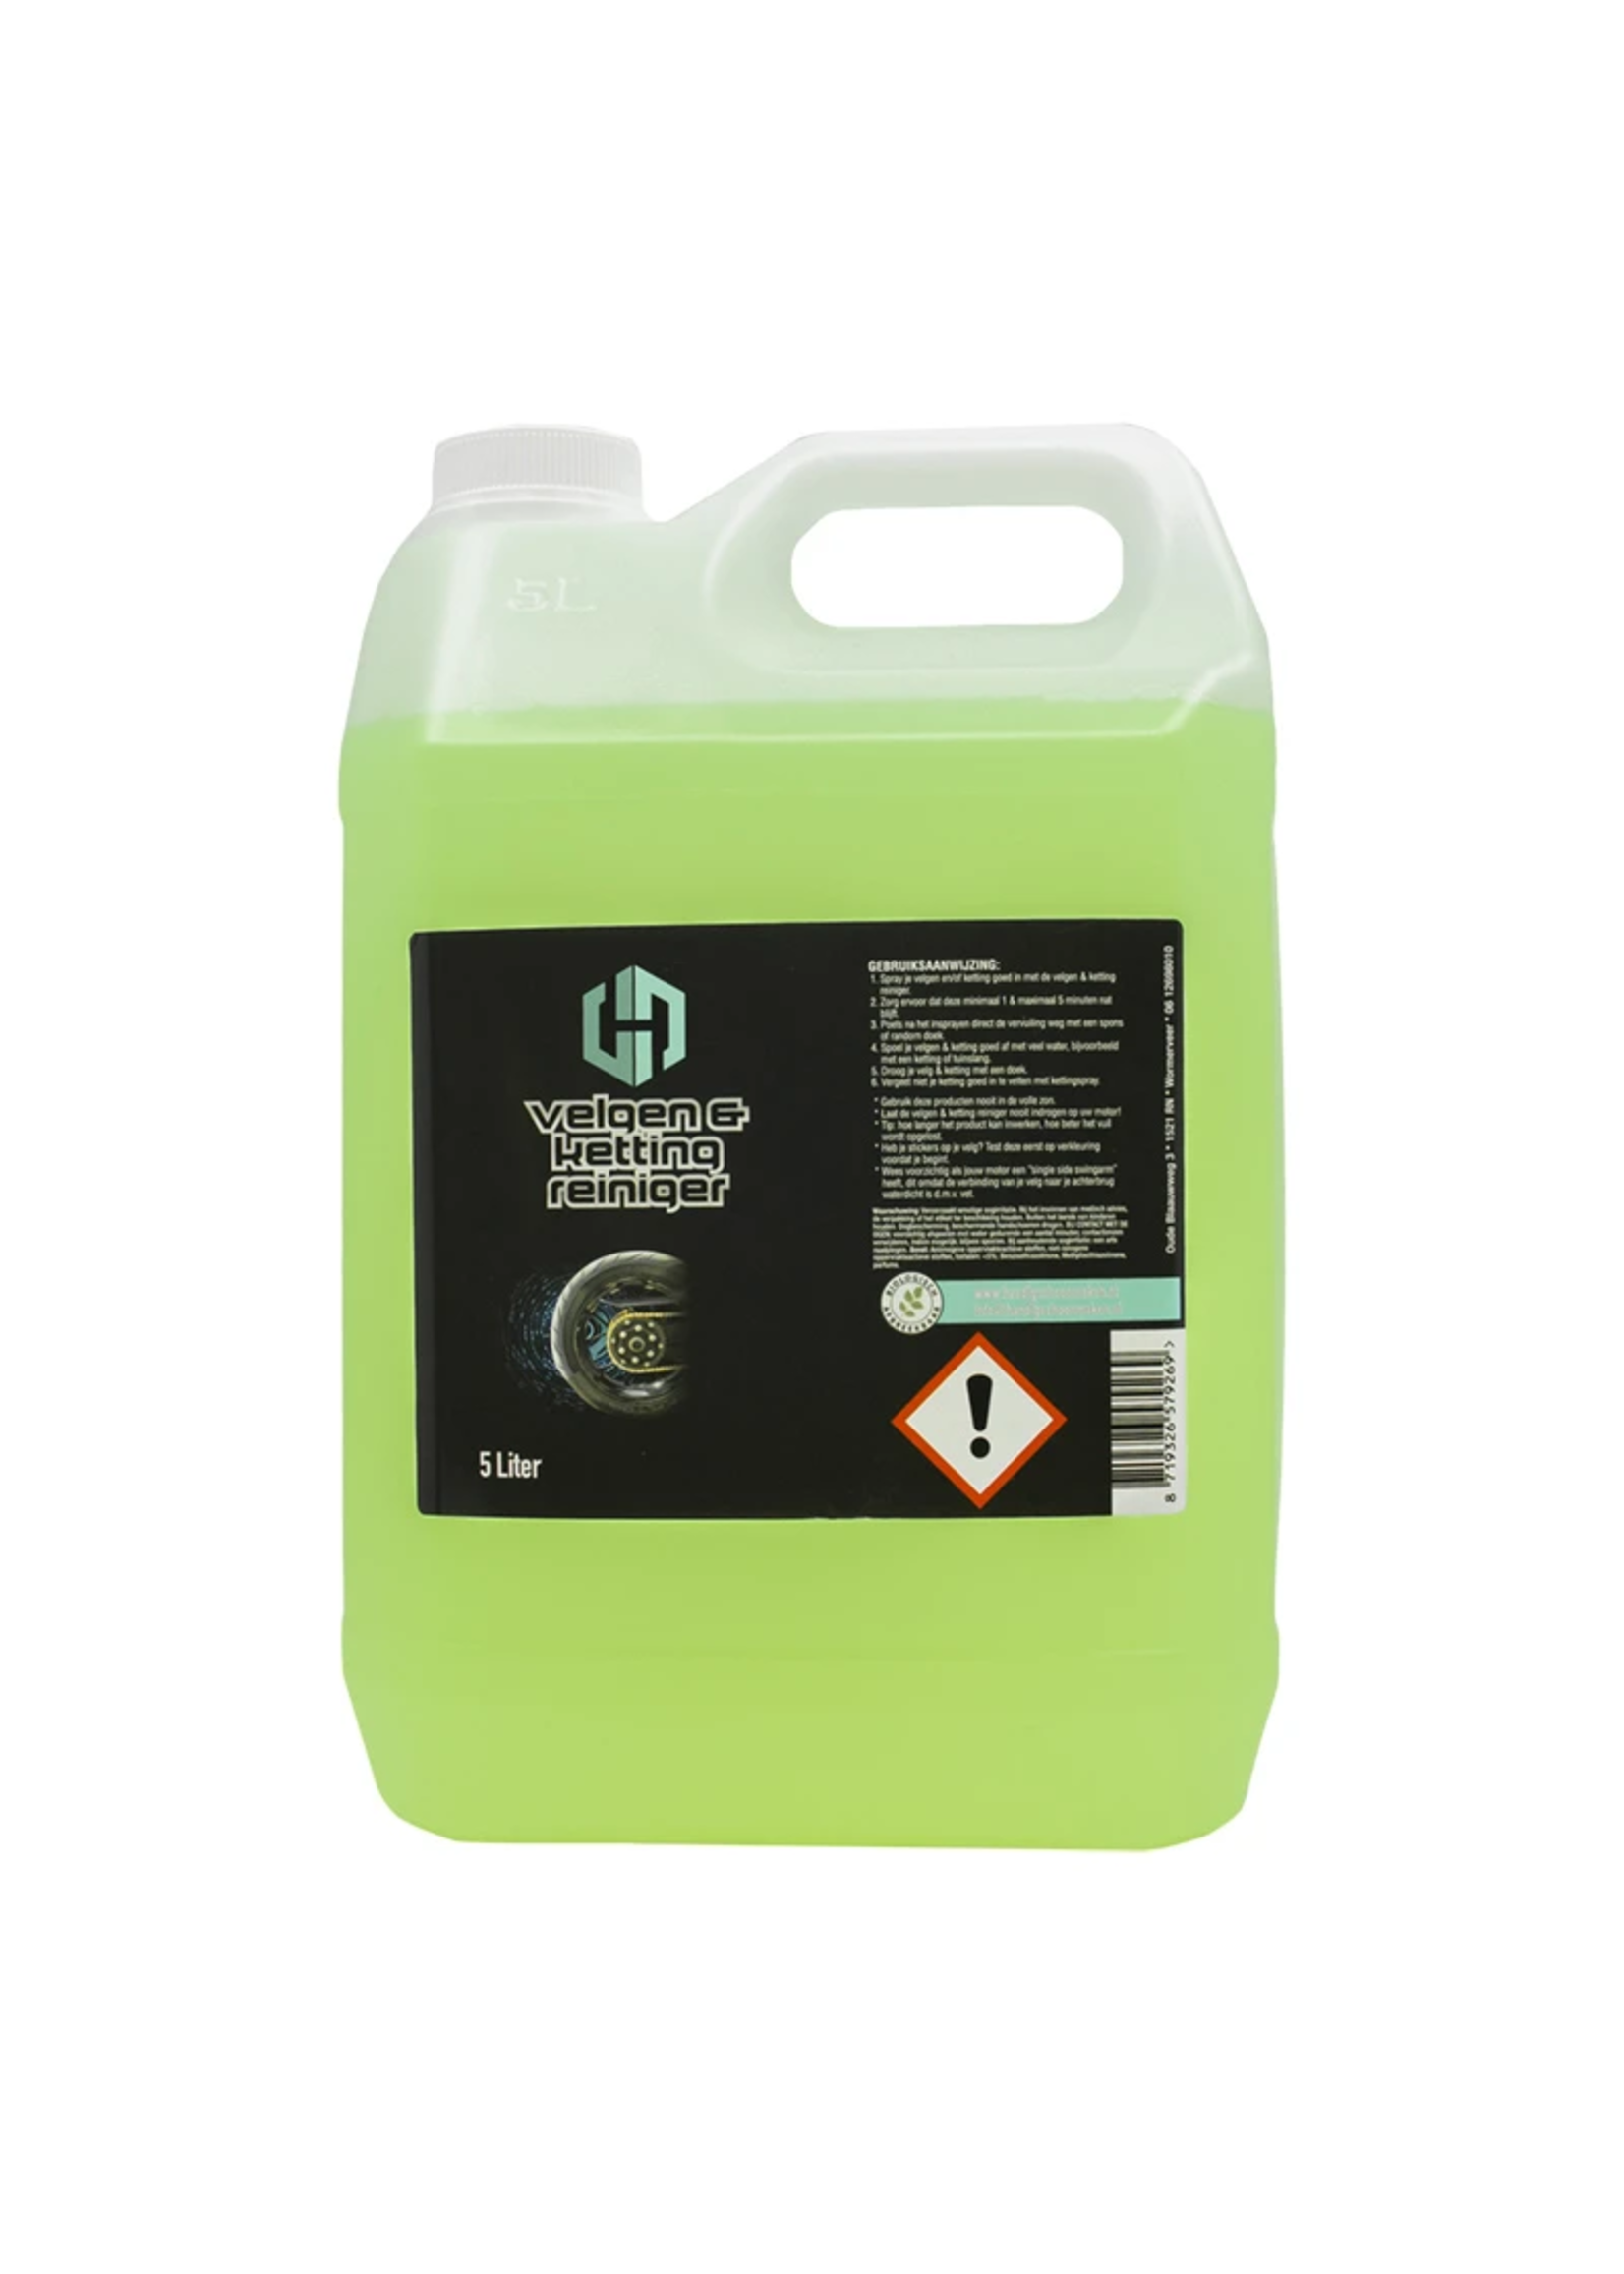 Handig Schoonmaken Velgen & Kettingreiniger 5 liter